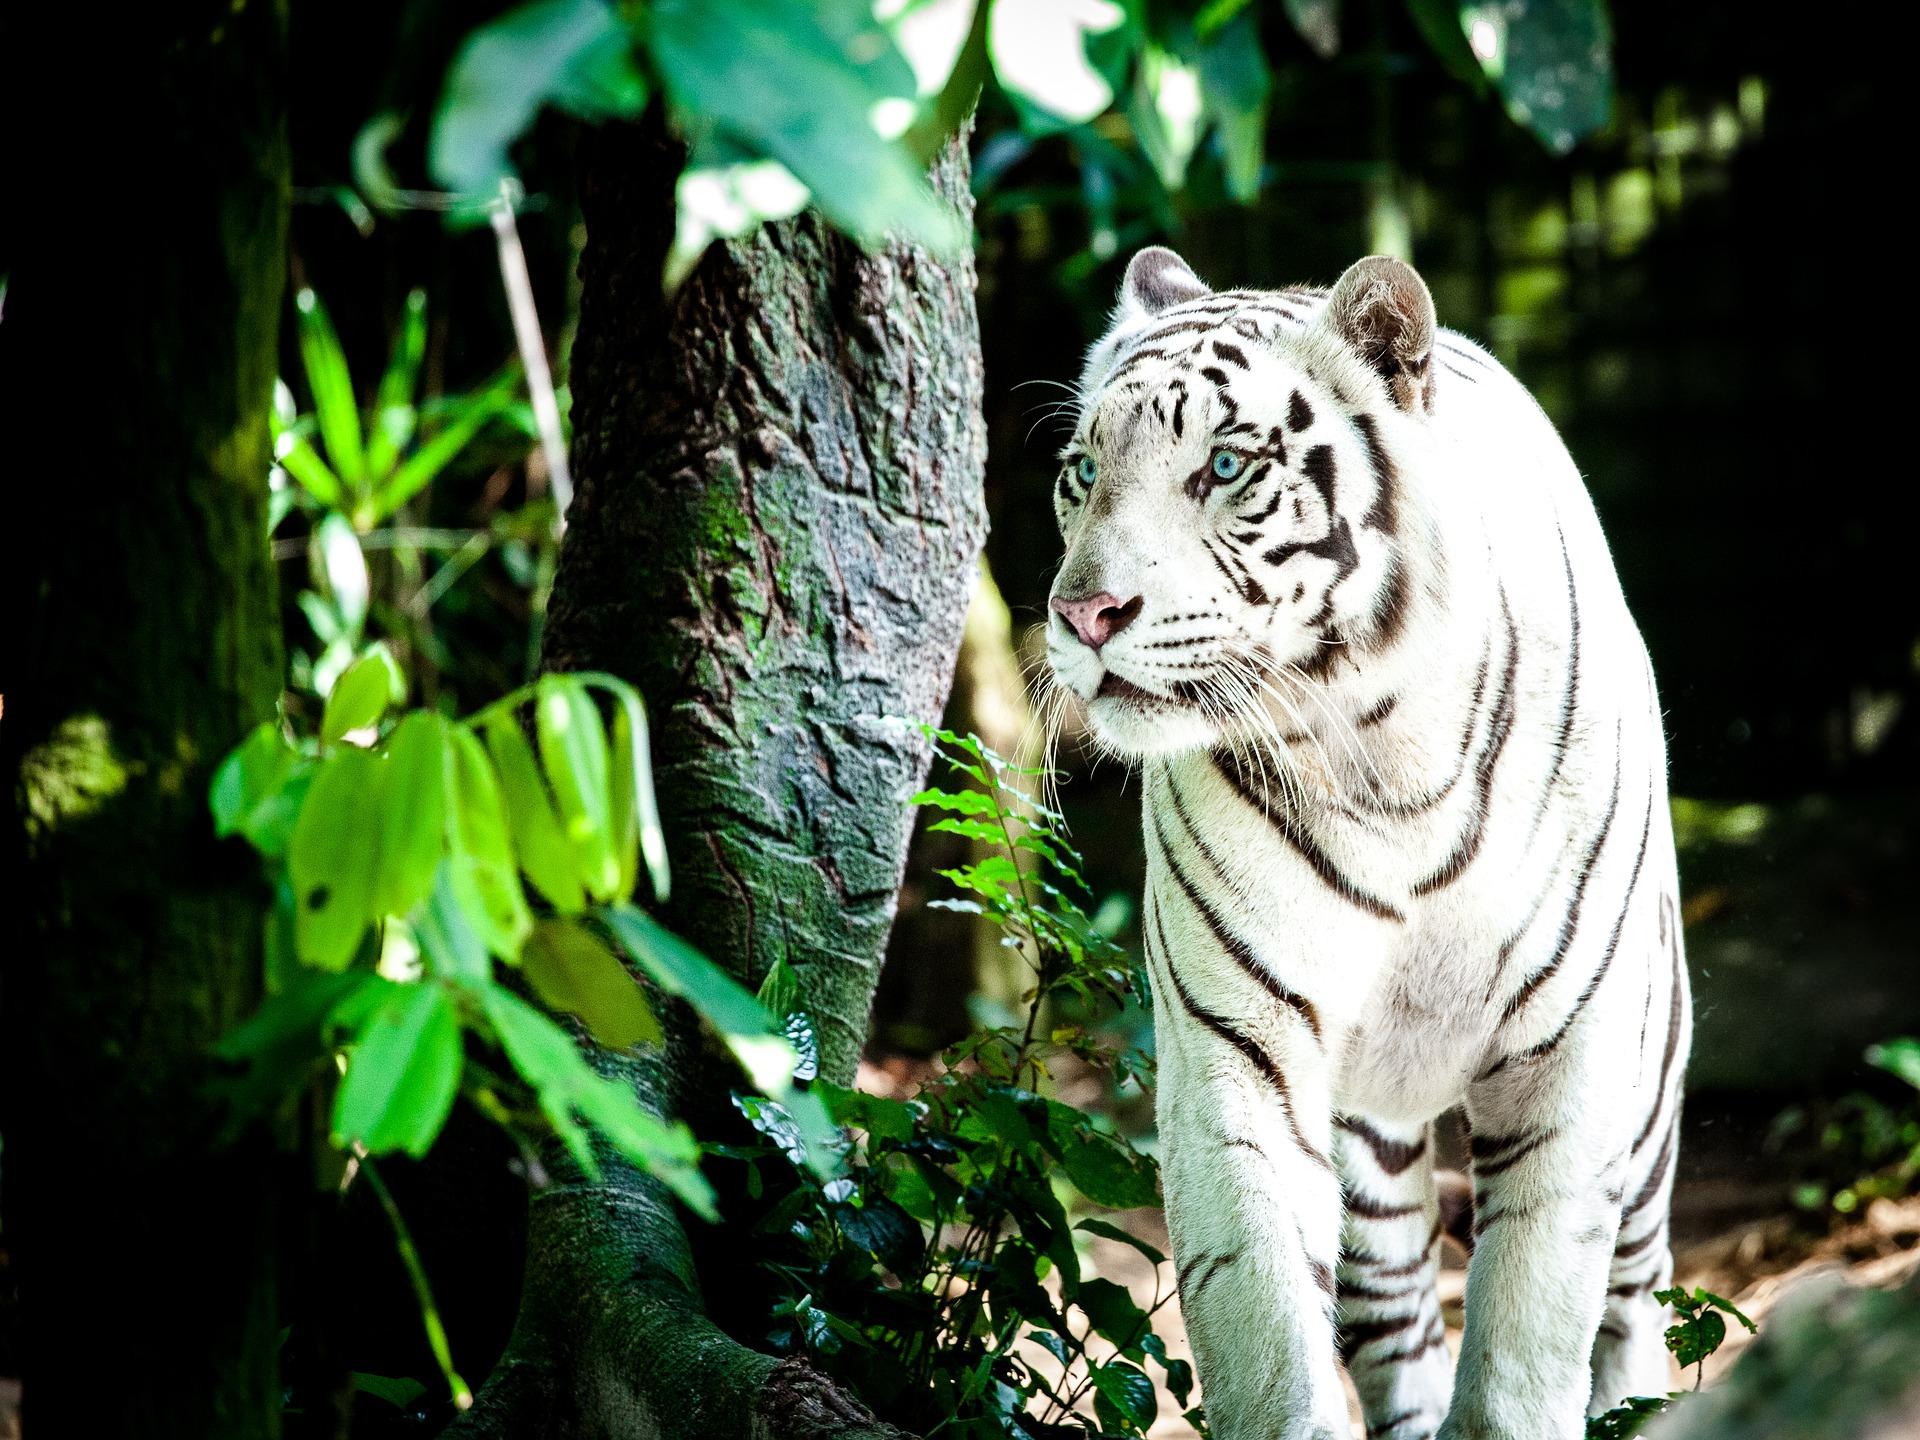 tiger-1545023_1920